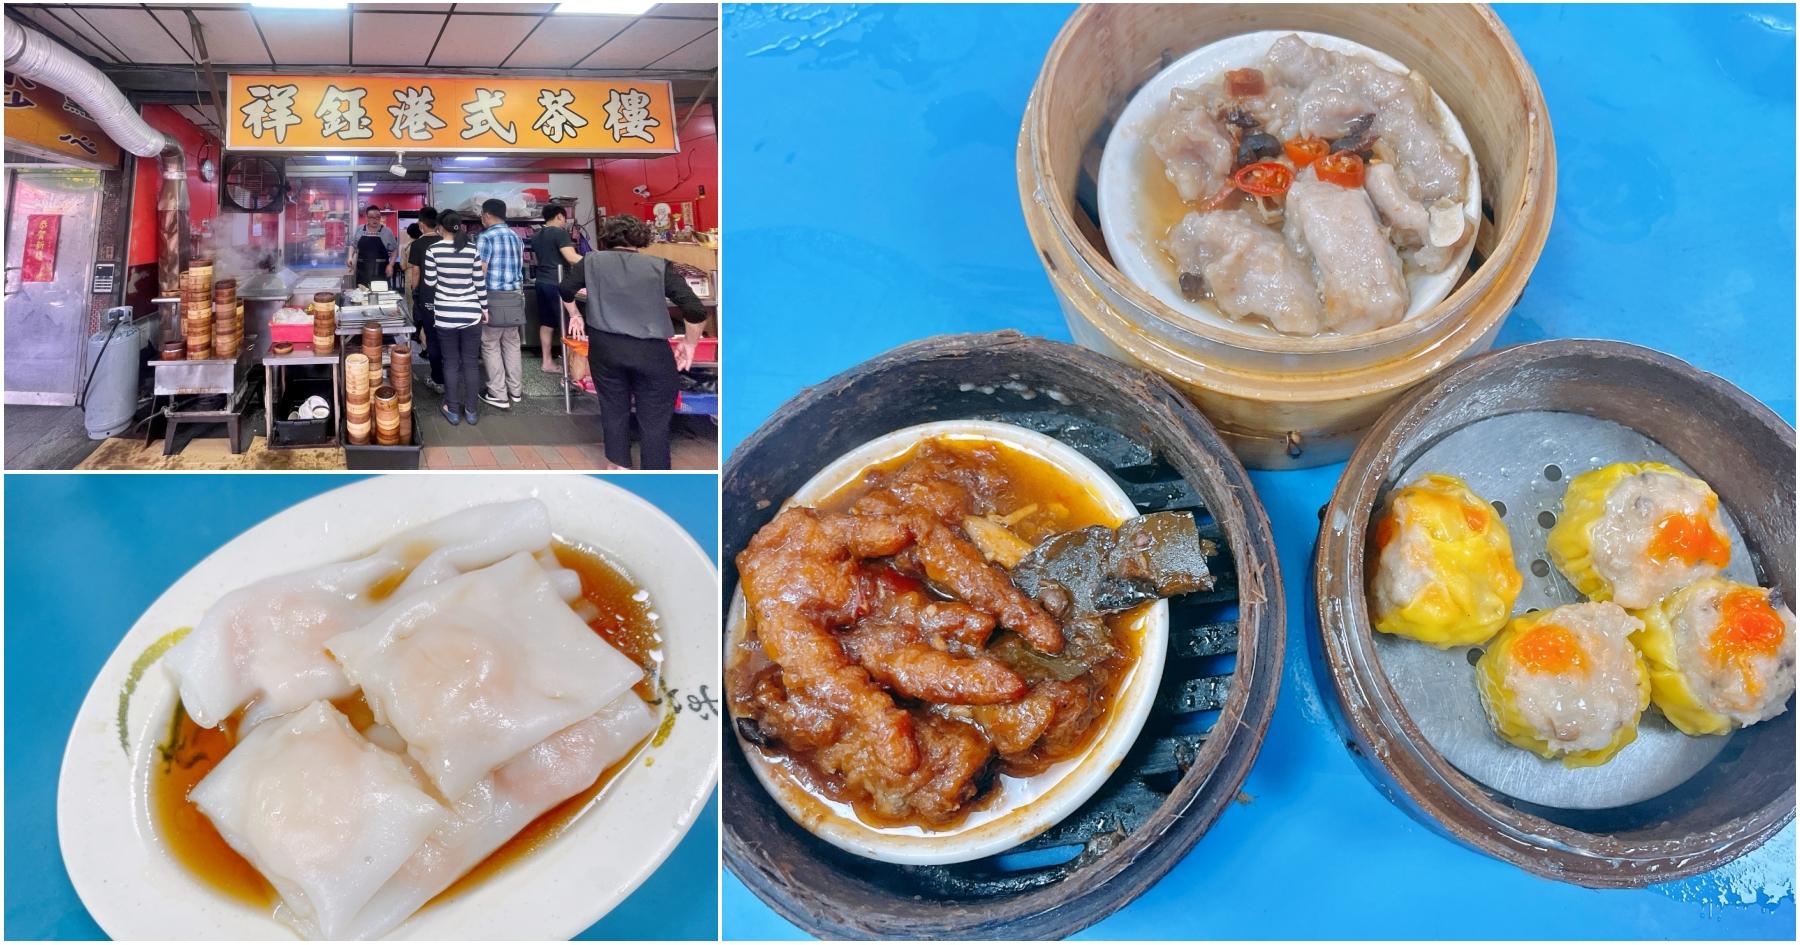 [中和美食]祥鈺港式茶樓|南洋觀光美食街.滇緬美食街之中的平價港式點心 @VIVIYU小世界